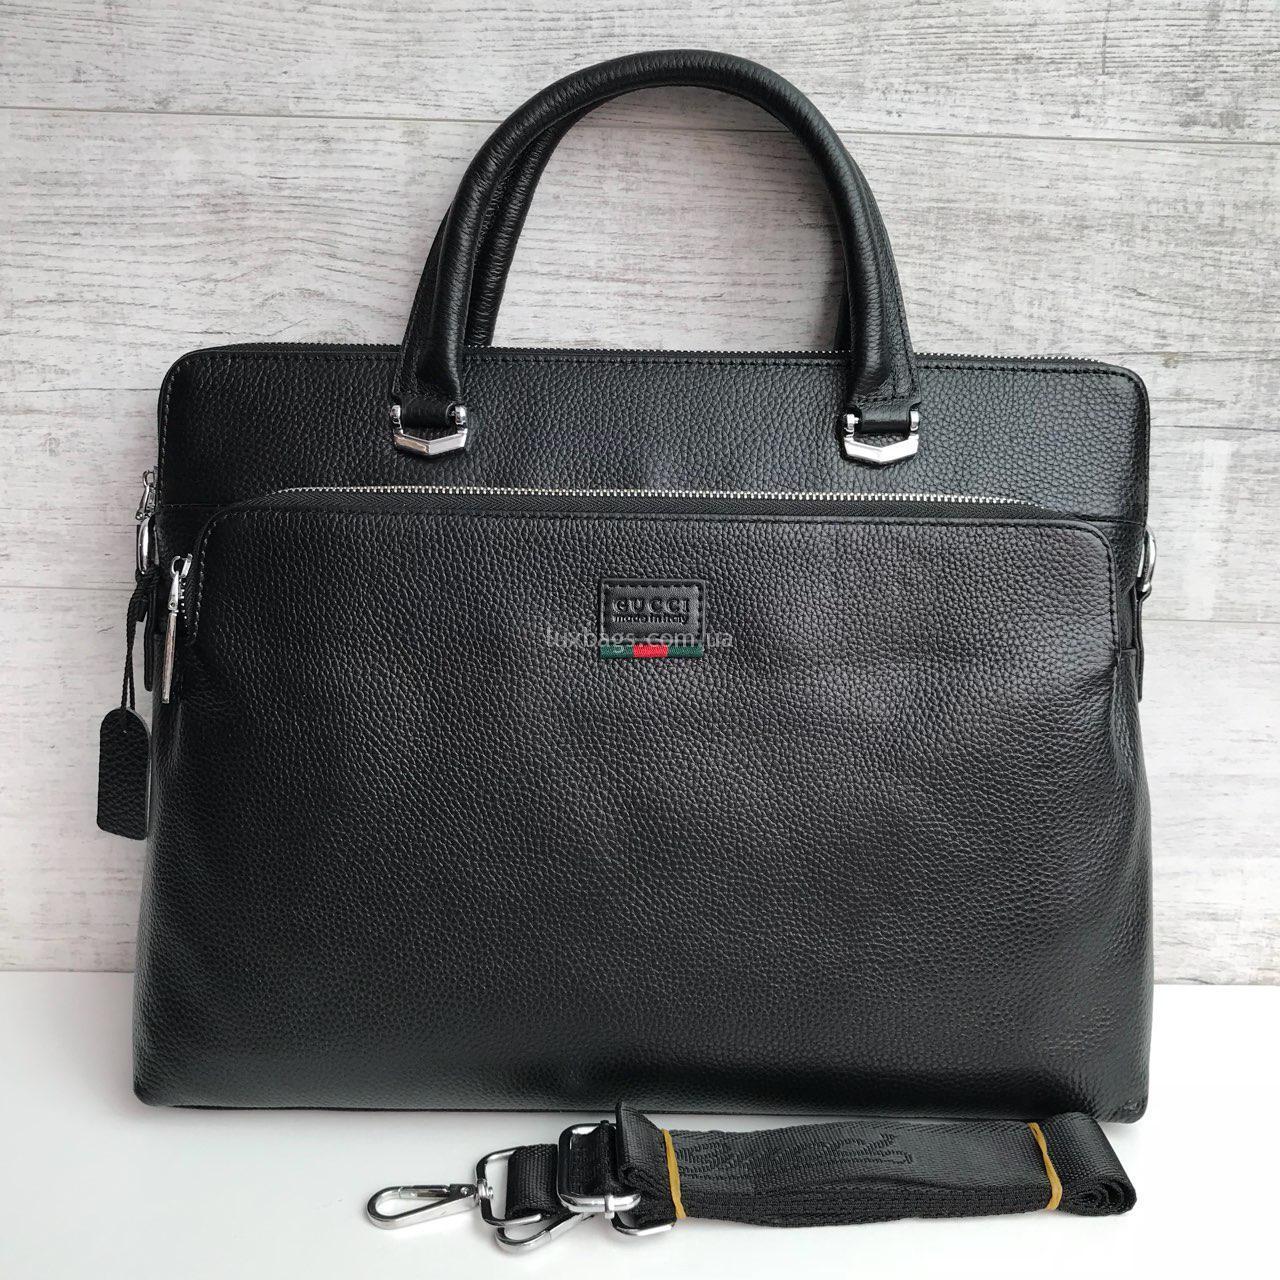 ebcf143102c9 Кожаный портфель Gucci формата А4 (Гуччи) Купить на lux-bags